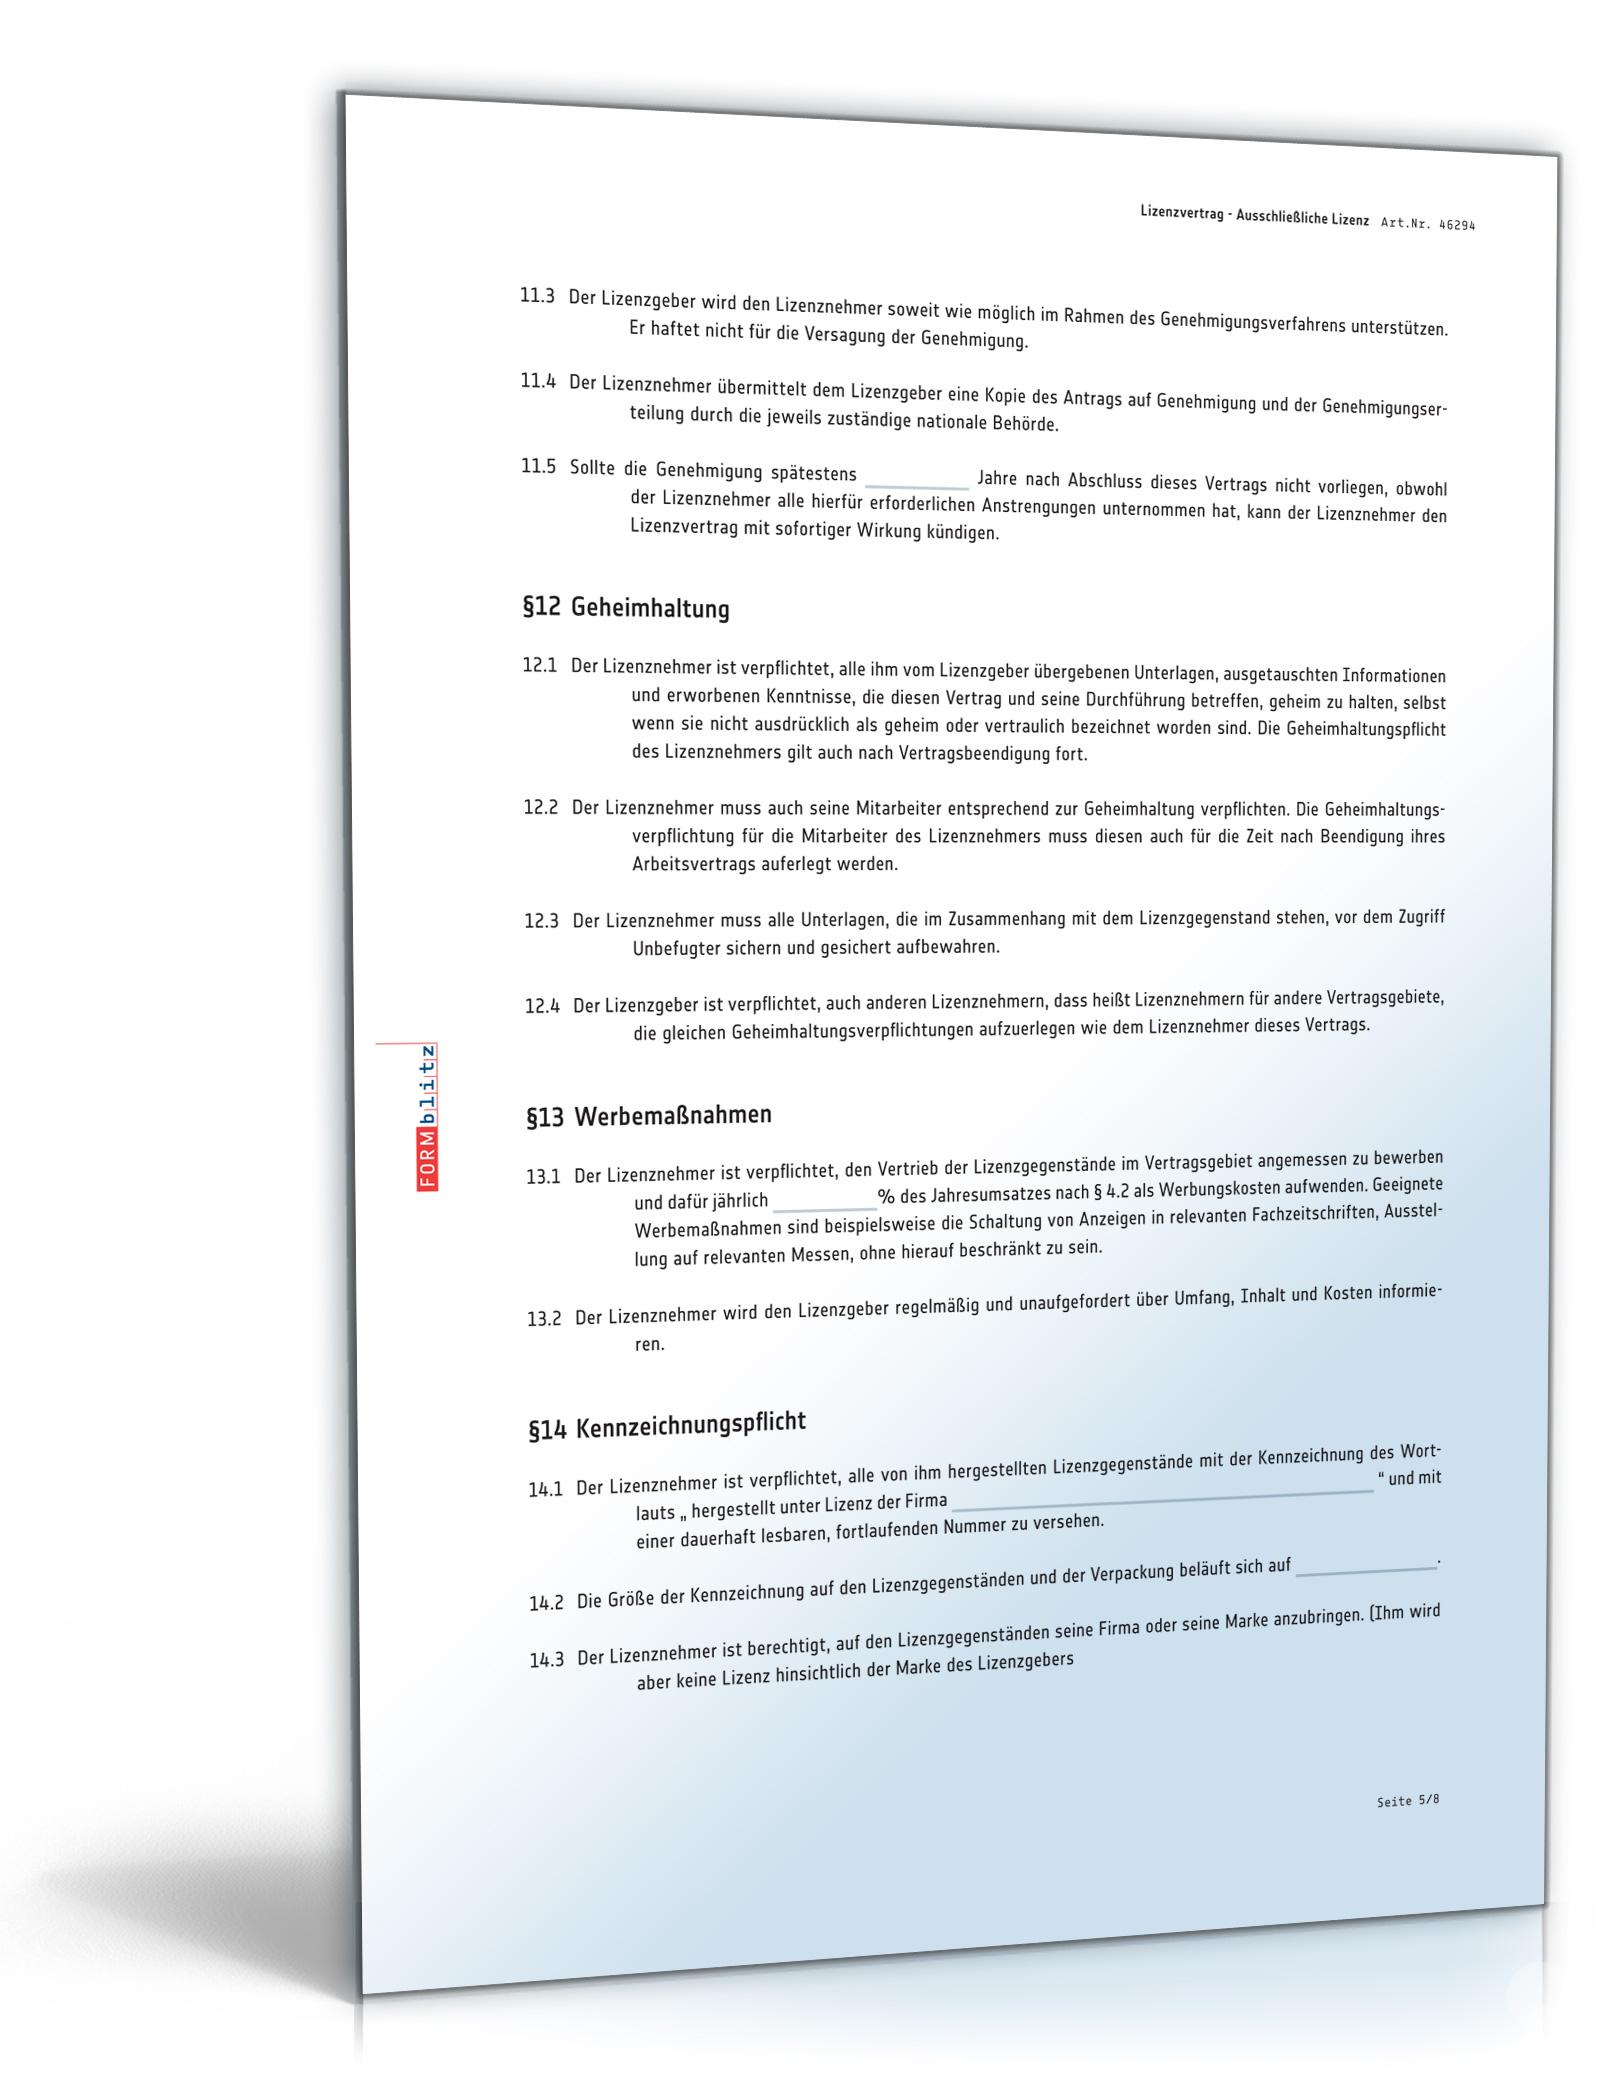 lizenzvertrag ausschlieliche lizenz pdf download amazonde software - Lizenzvertrag Muster